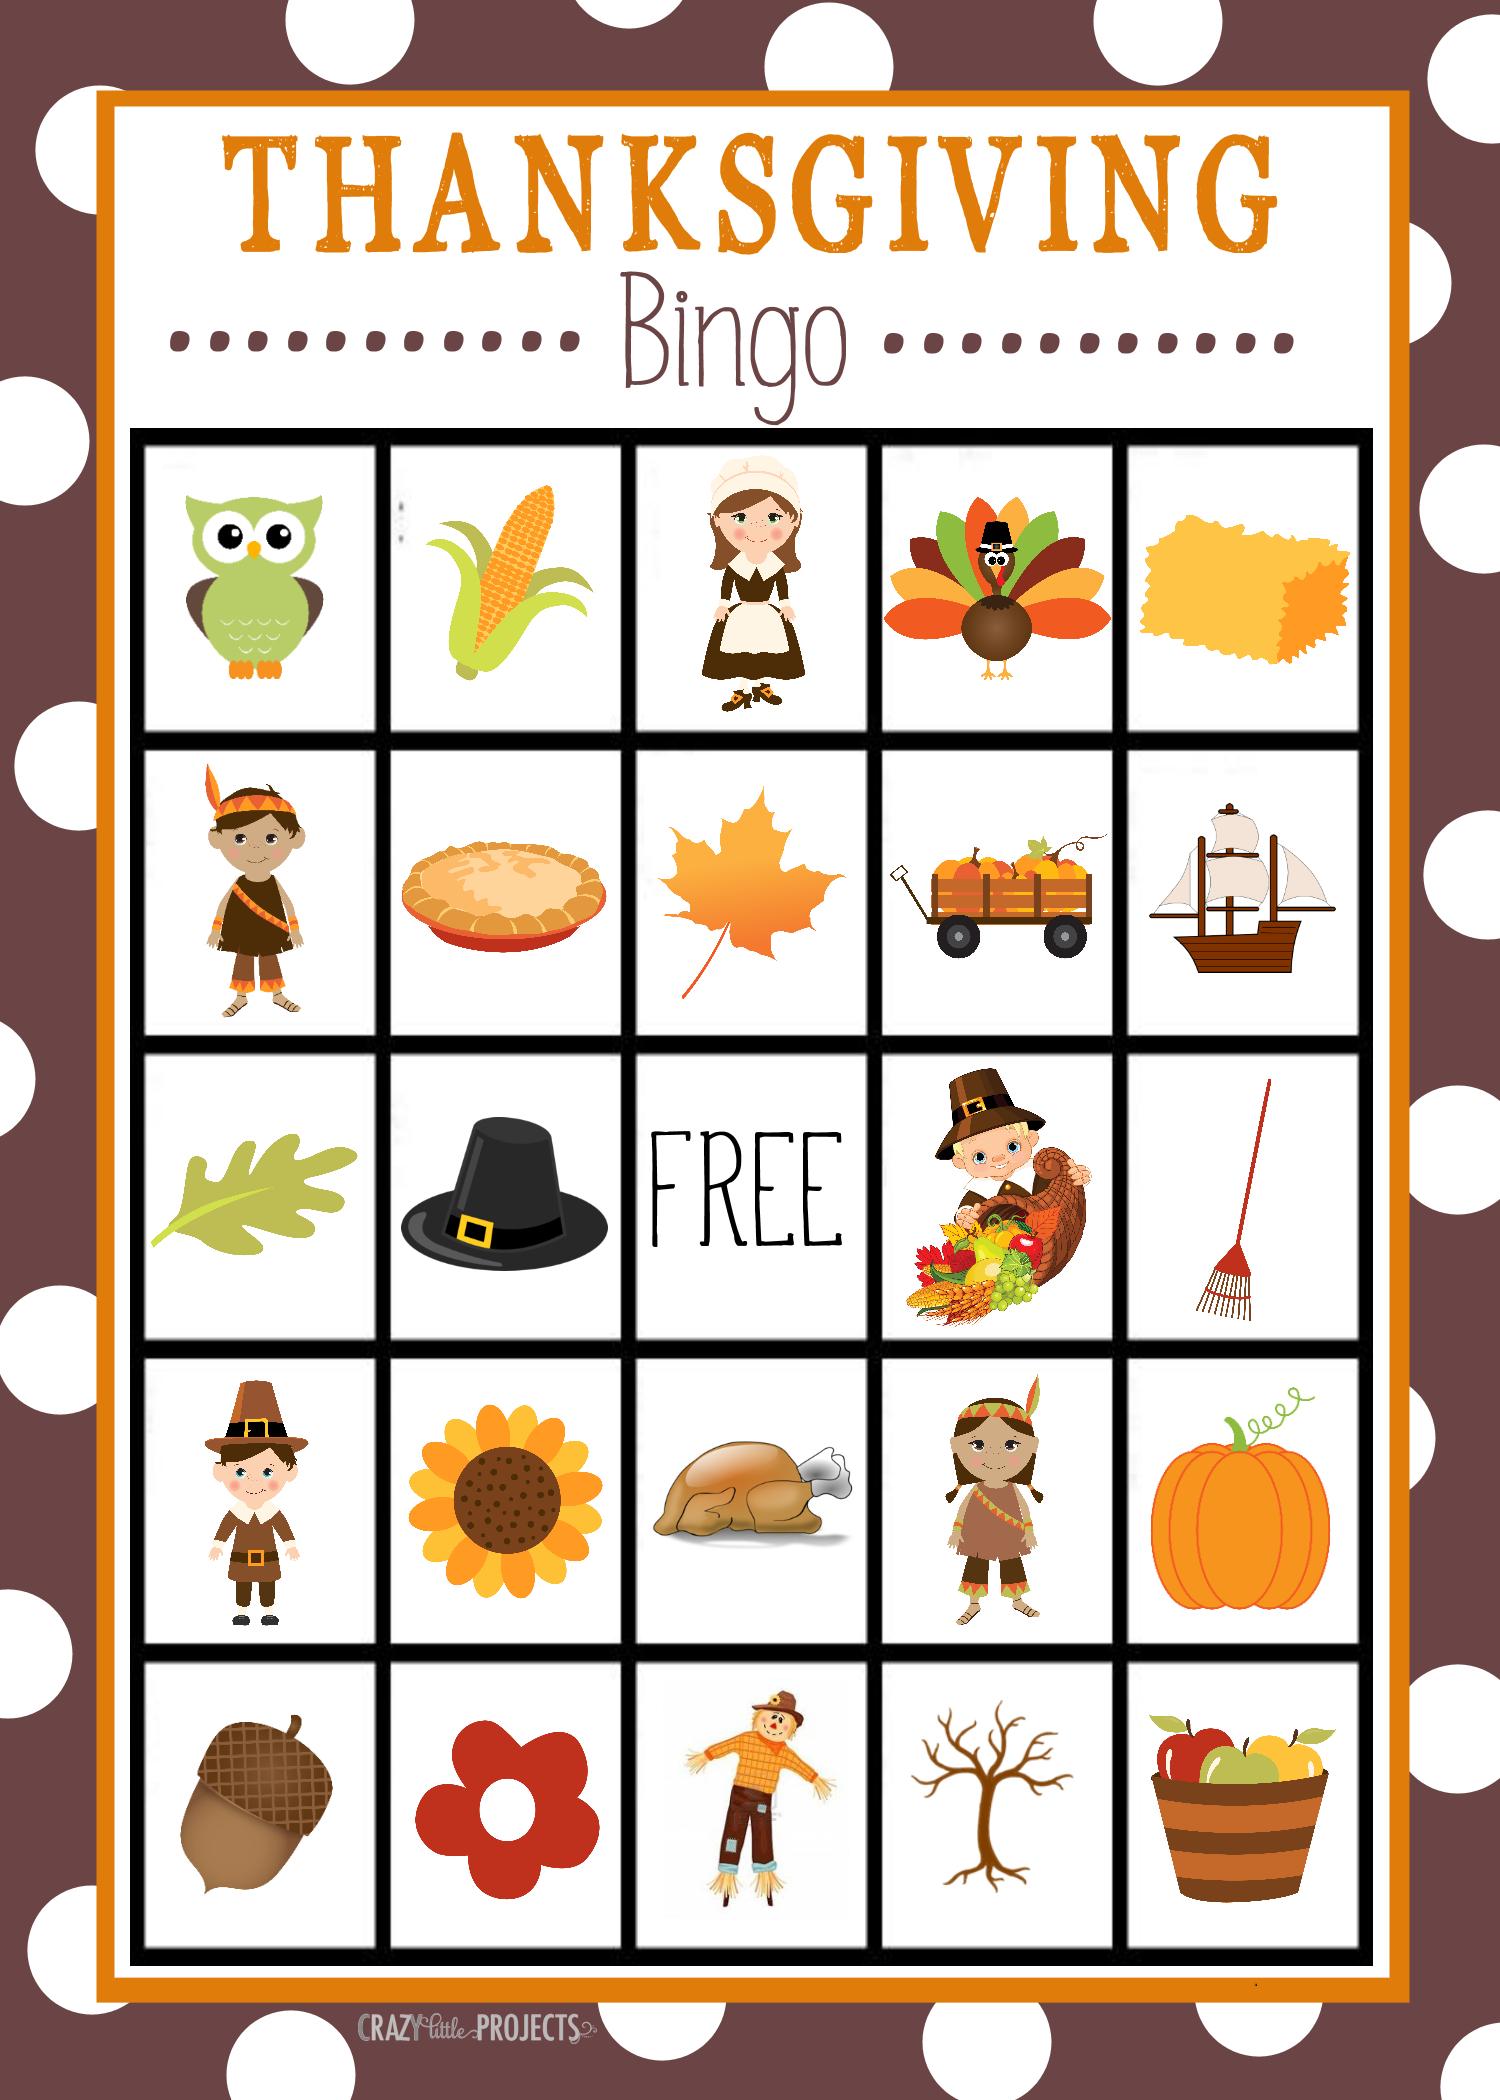 Free Printable Thanksgiving Bingo Game   Craft Time   Pinterest - Free Printable Thanksgiving Graphics